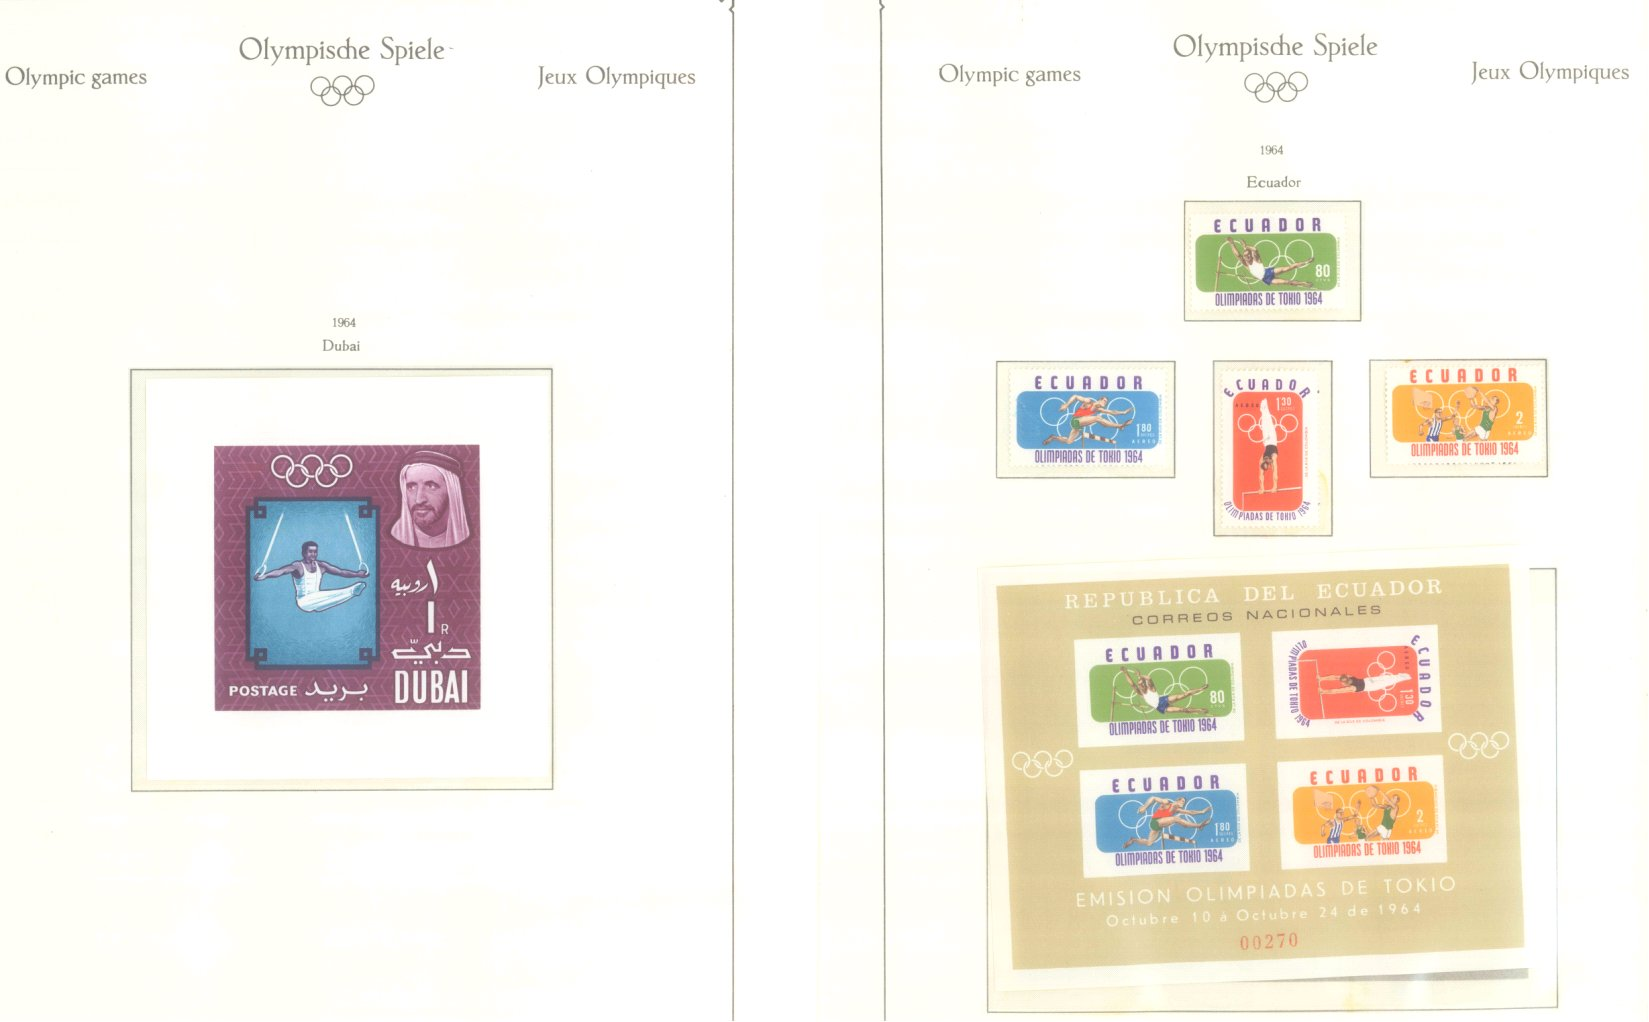 OLYMPISCHE SPIELE 1964 TOKIO, postfrische Sammlung Teil 1-11